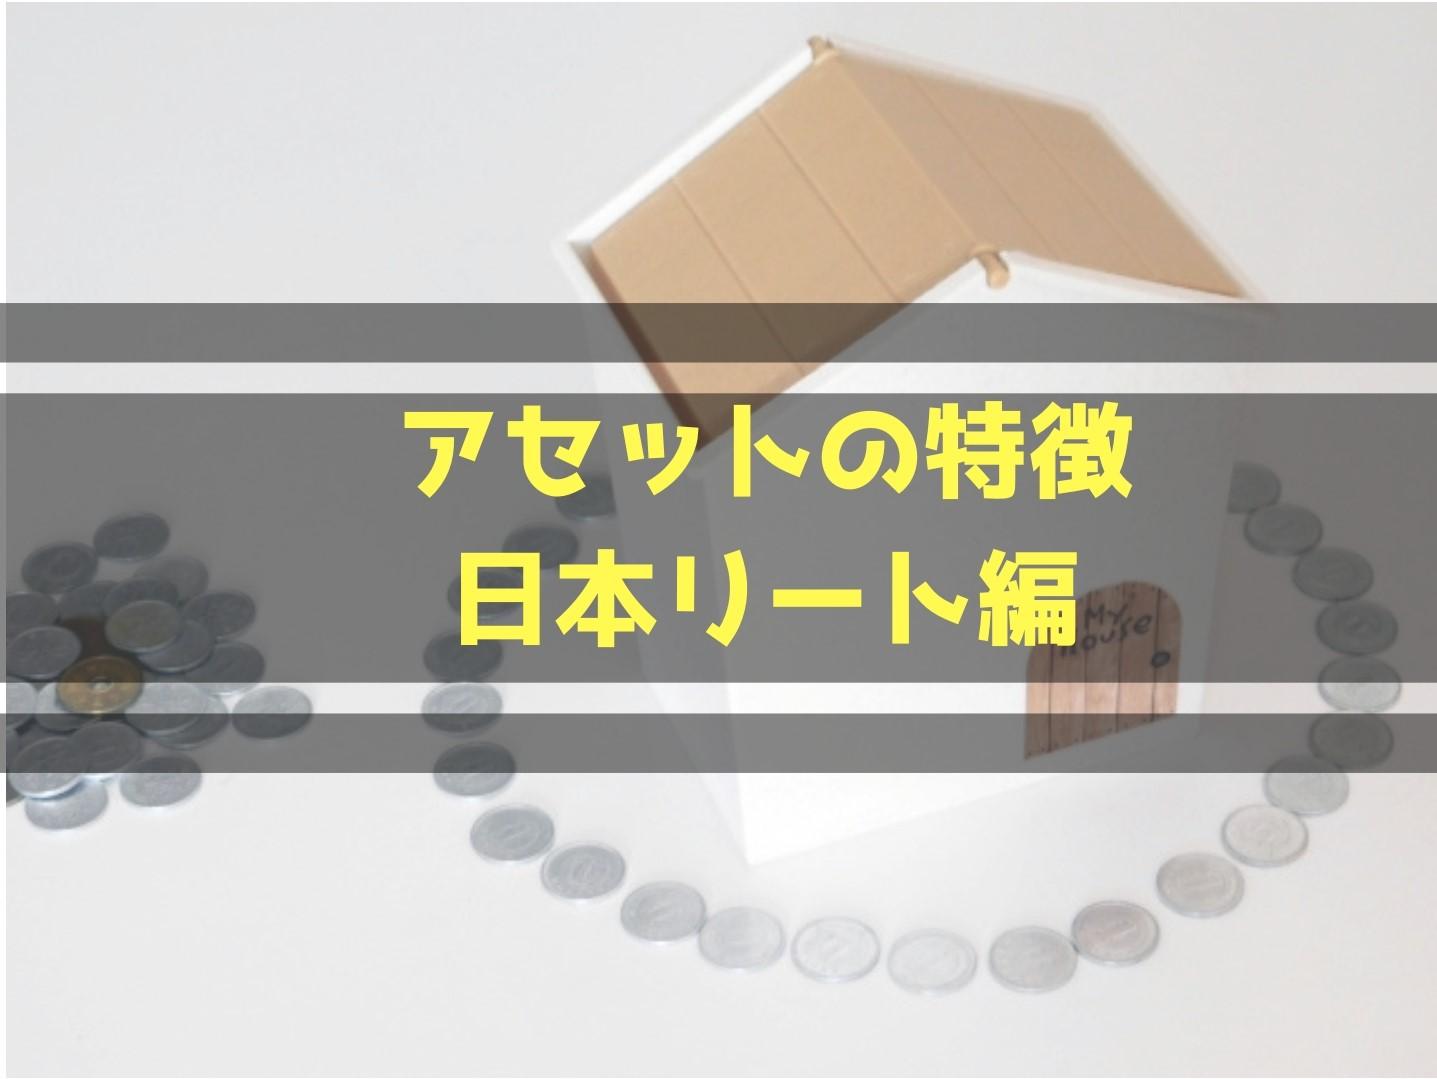 アセットの特徴日本リート